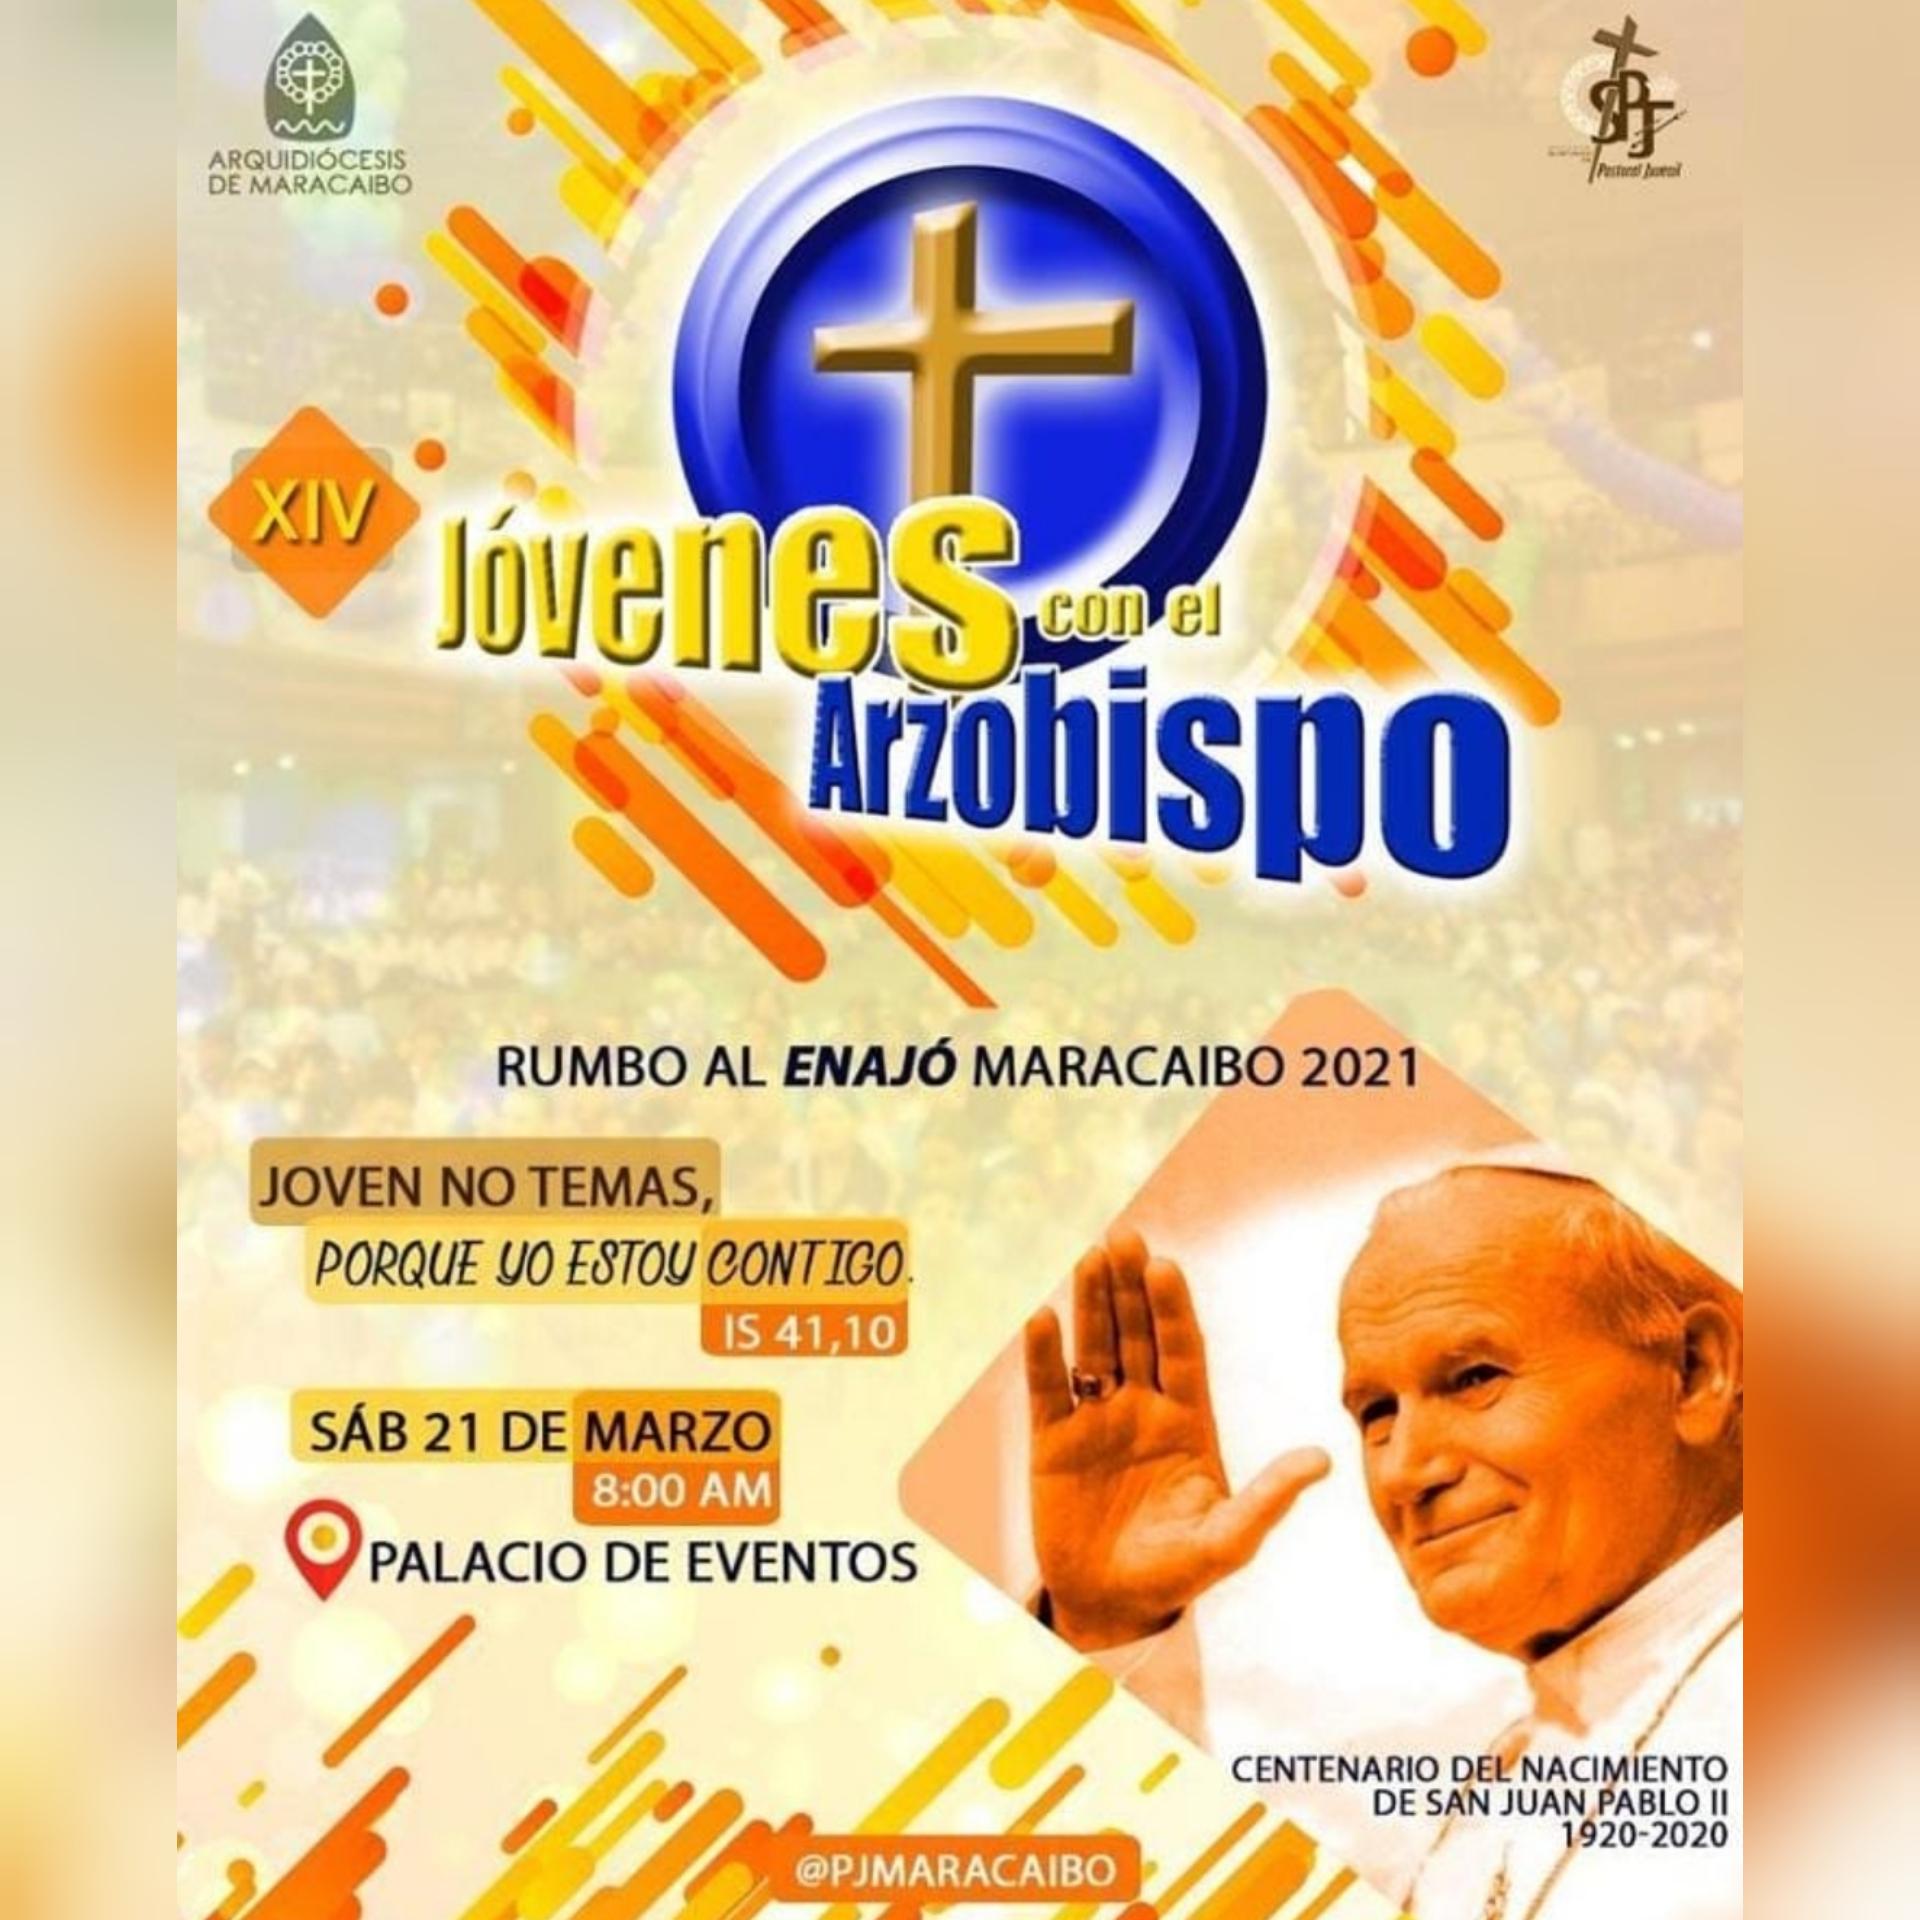 Pastoral Juvenil de la Arquidiócesis de Maracaibo celebrará el XIV Encuentro de Jóvenes con el Arzobispo